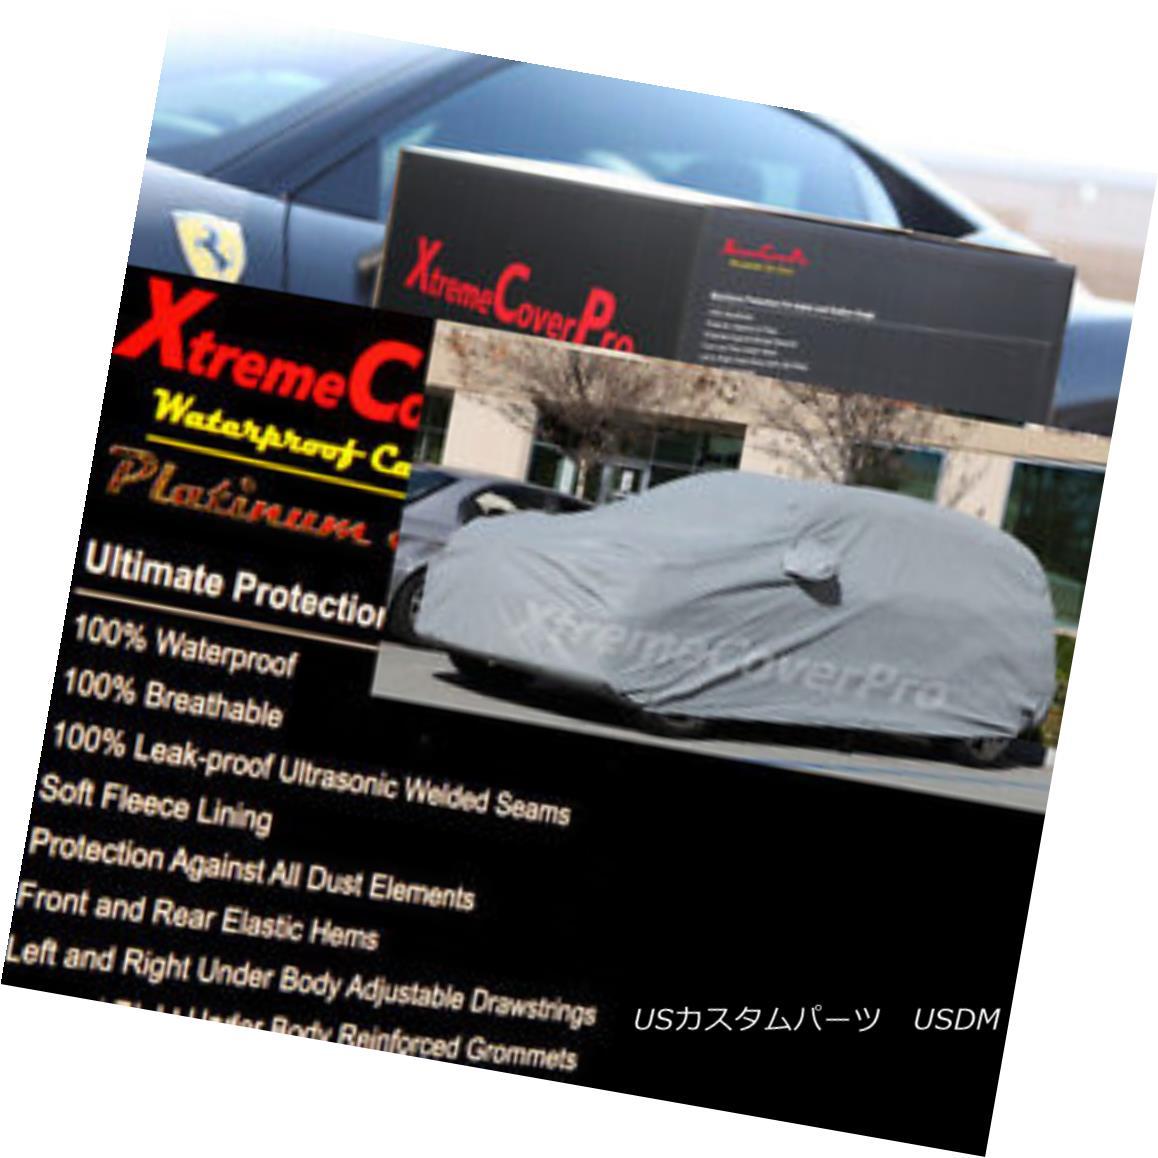 カーカバー 2015 FORD EXPLORER Waterproof Car Cover w/Mirror Pockets - Gray 2015 FORD EXPLORERミラーポケット付き防水カーカバー - グレー